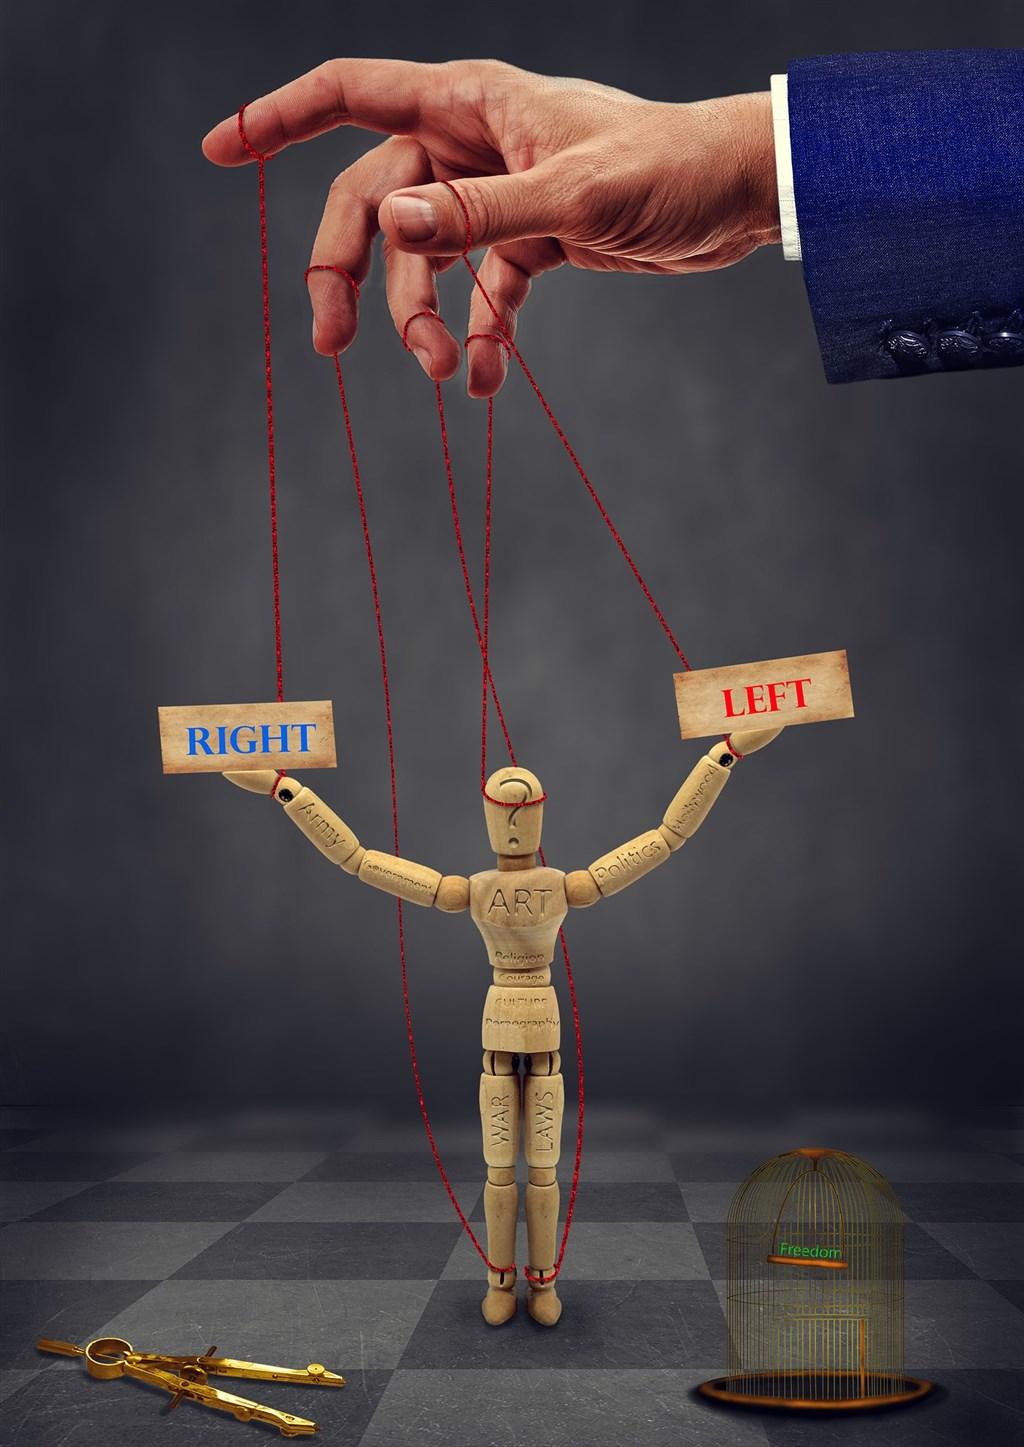 「極端政治的誕生」用大數據+生物政治學+政治心理學+民調,解析對政治立場「另一邊」的敵意究竟是從何而來。(示意圖/圖取自Pixabay圖庫)